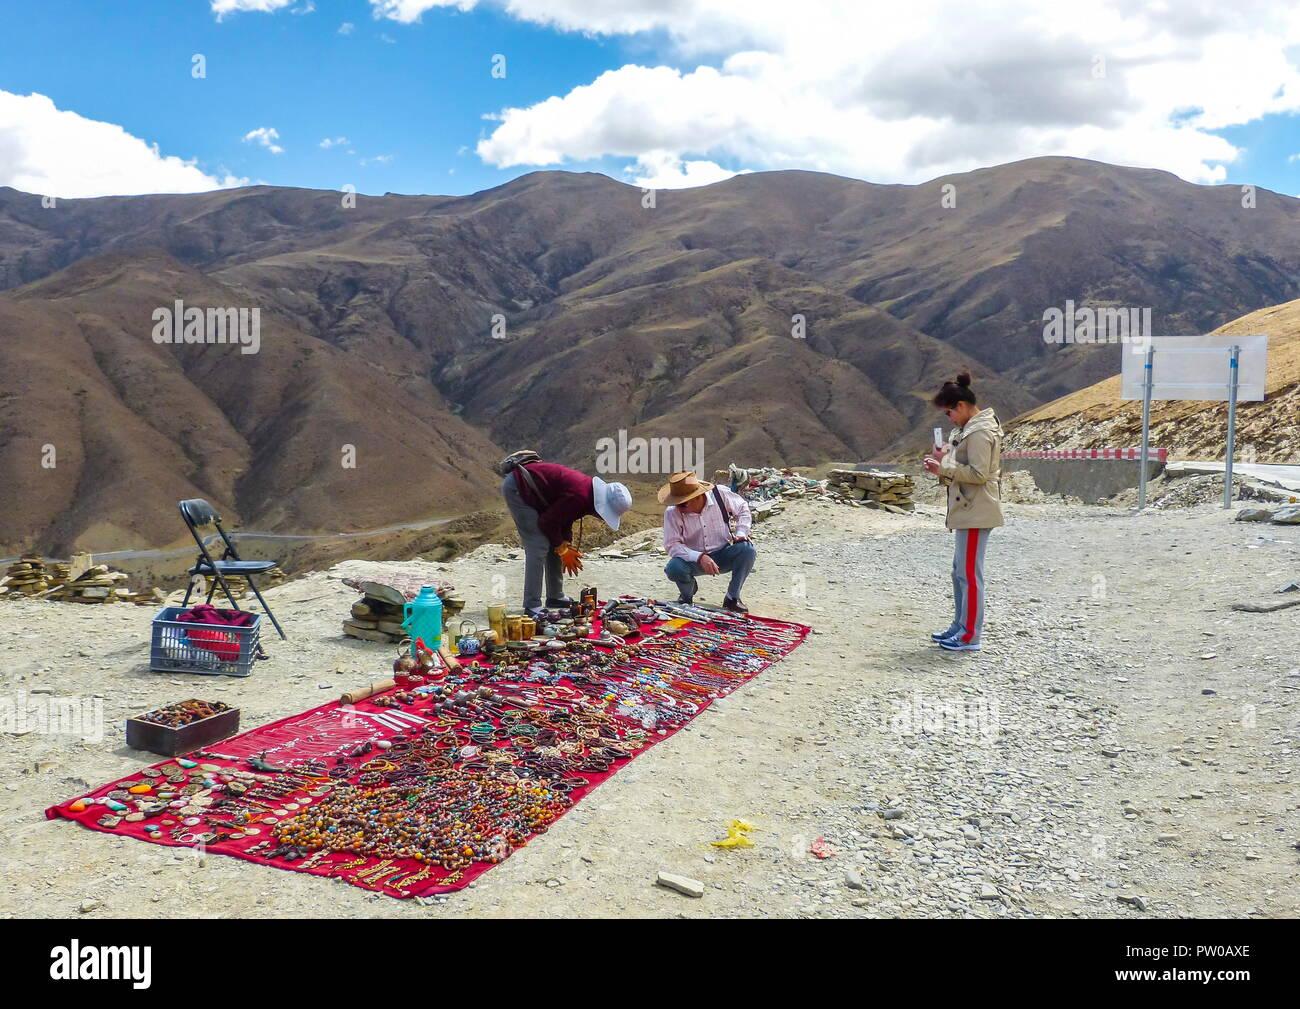 Venditore a vendere pietre tibetano, perline e negozio di souvenir lungo il passaggio di Kampala di servire i clienti sulla strada per il lago Yamdrok. Immagini Stock